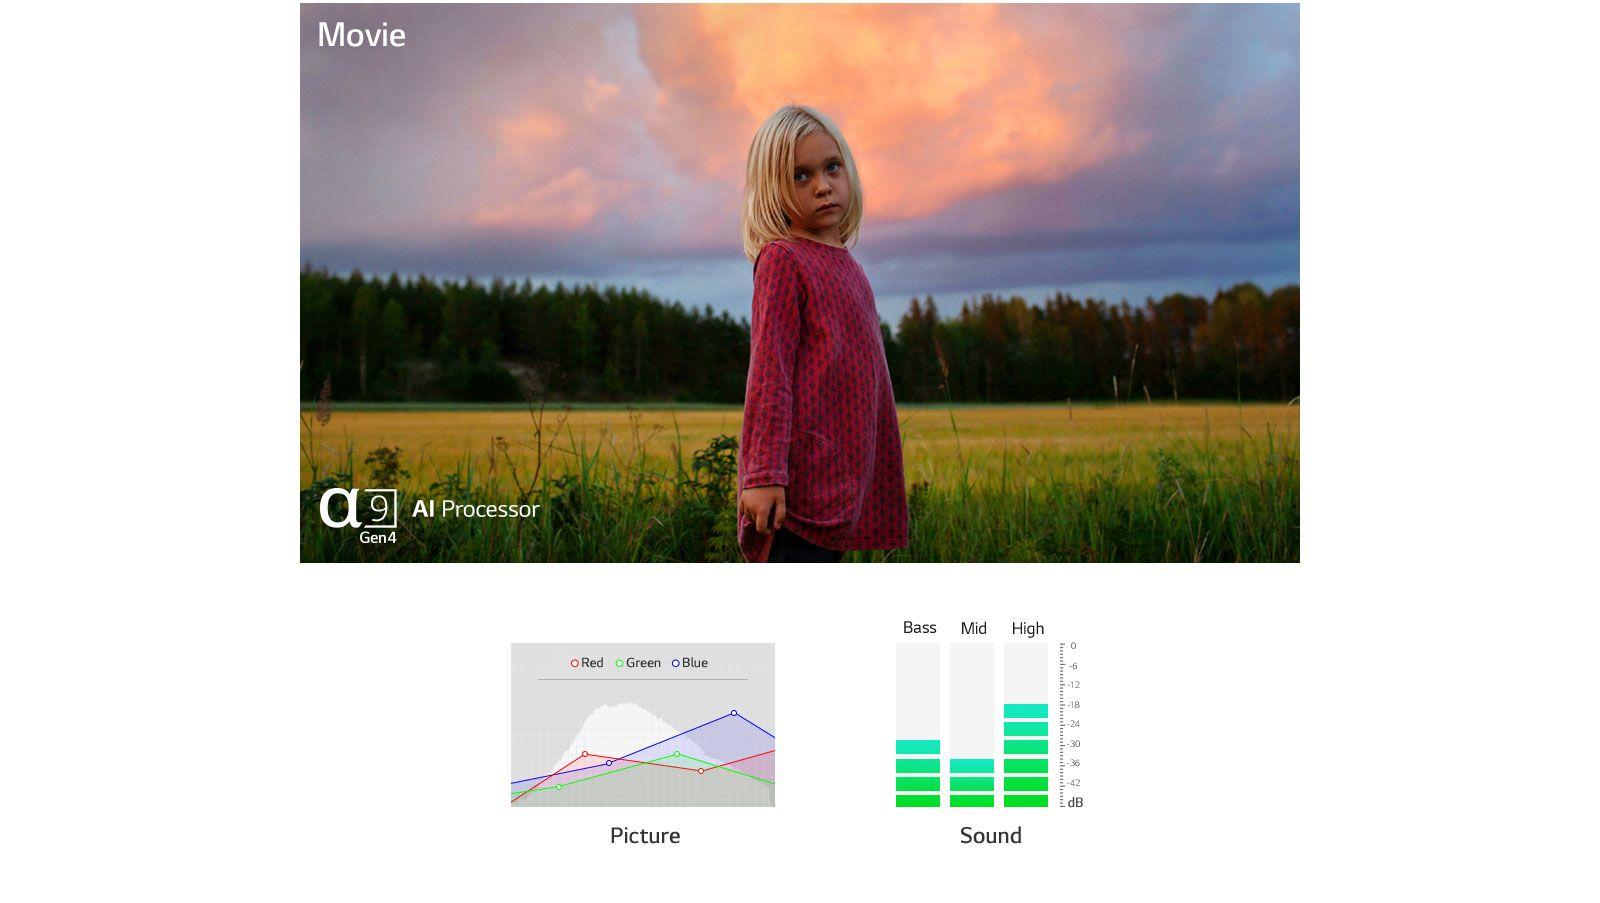 Dos escenas se optimizan automáticamente tanto en imagen como en sonido gracias al procesador inteligente a9 Gen4 (reproducir el vídeo)